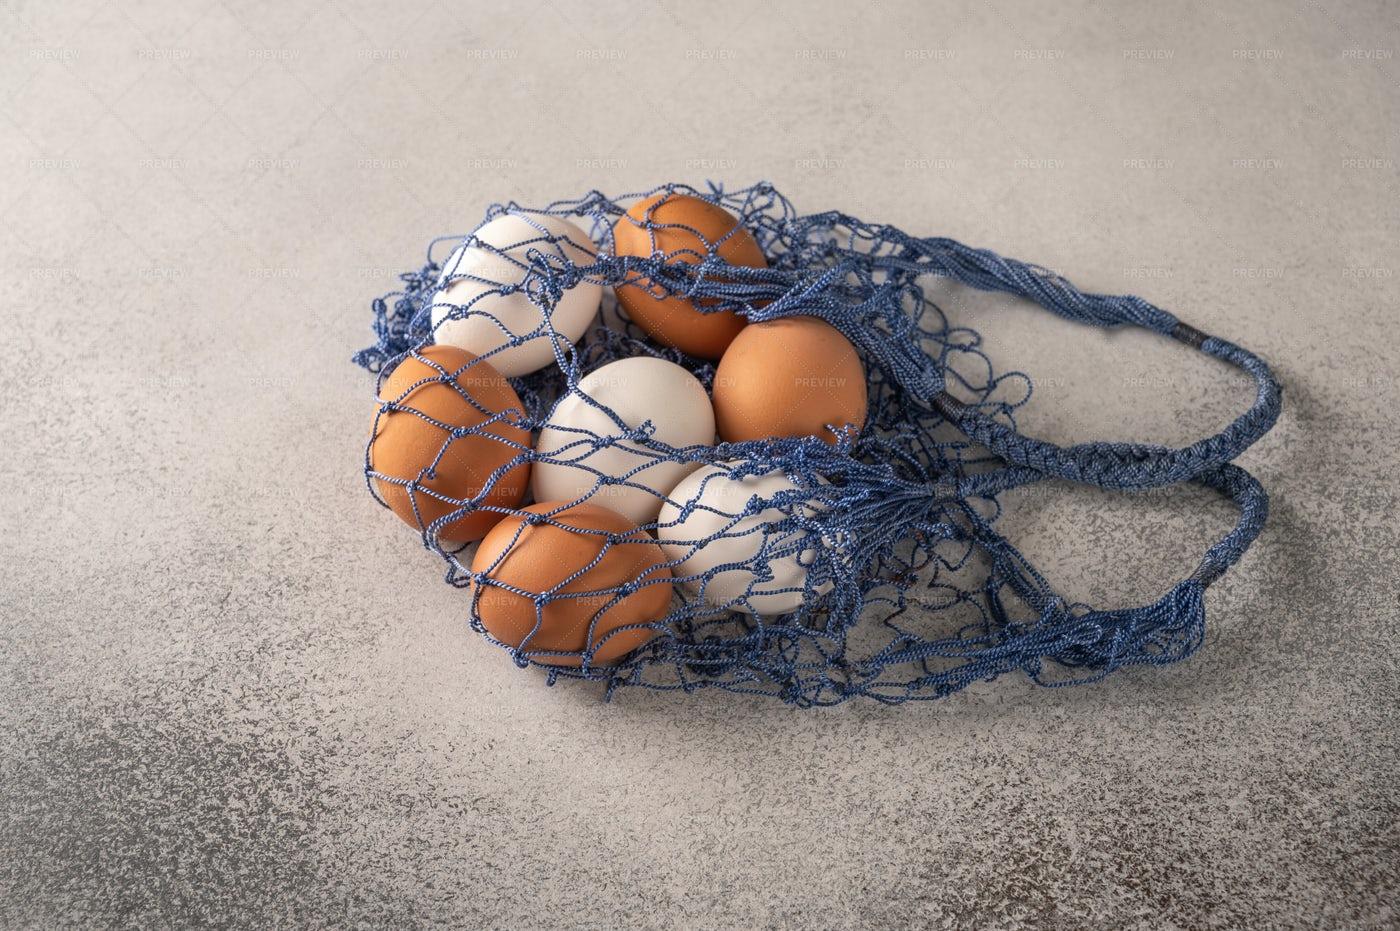 Eggs In String Bag: Stock Photos